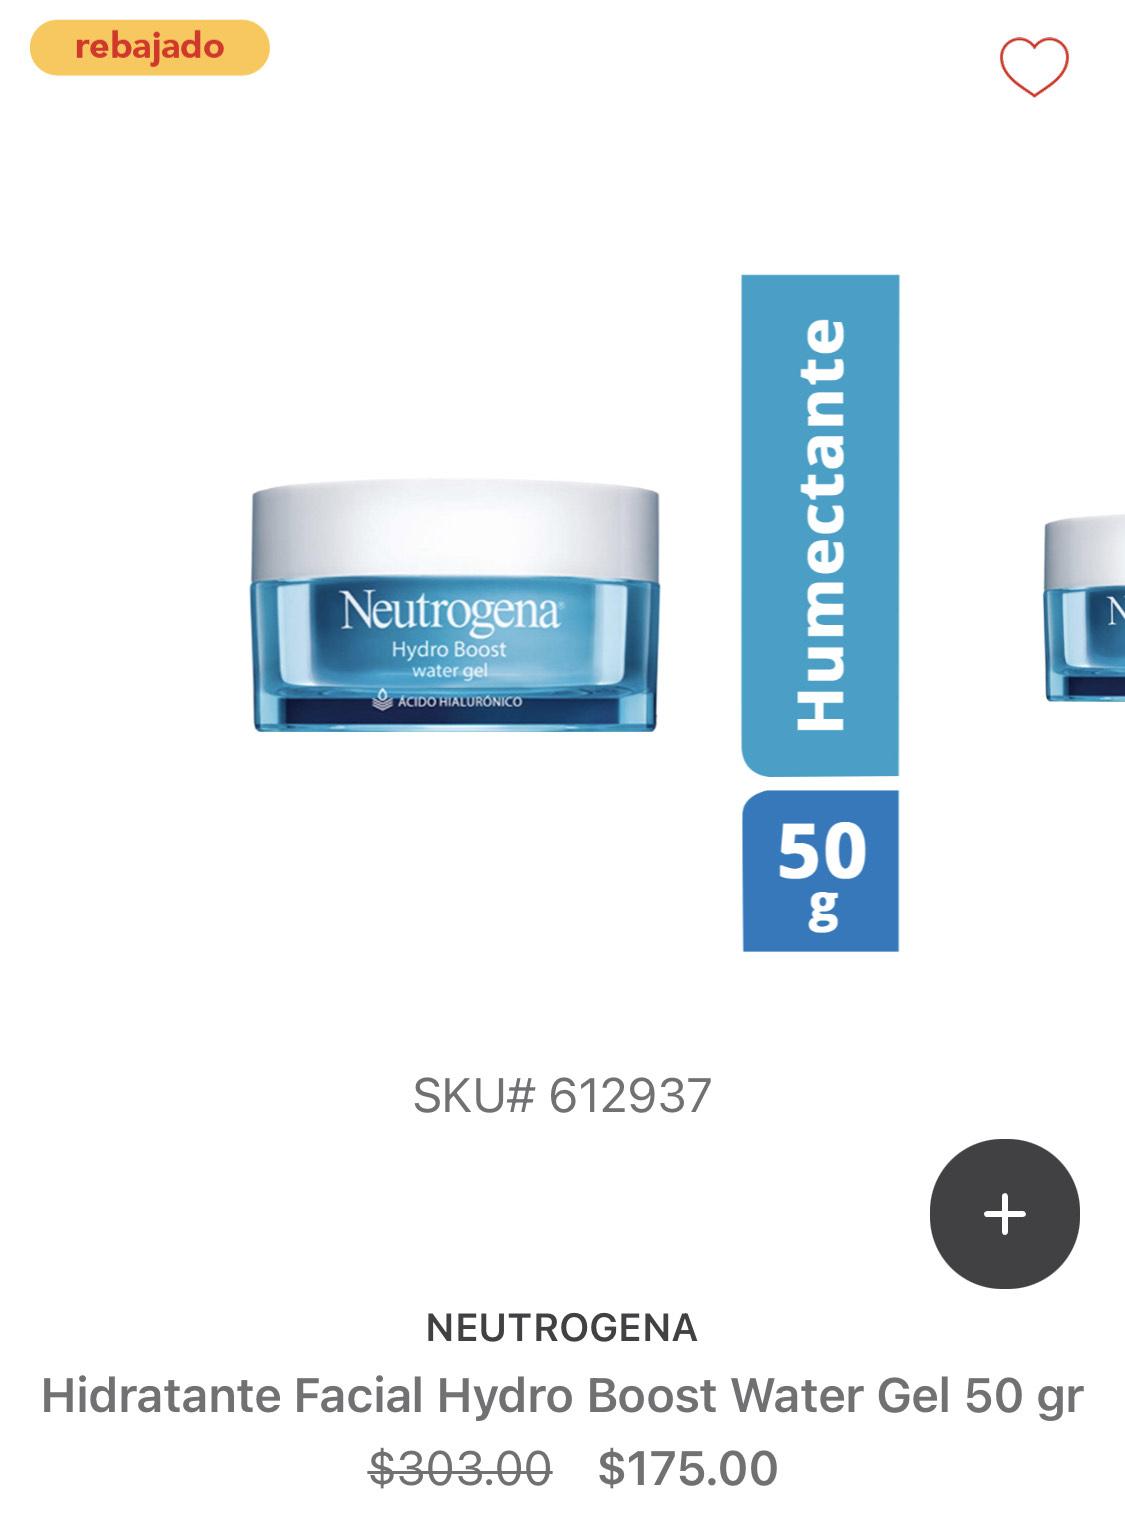 HEB: Neutrogena Hidratante Facial Hydro Boost (en línea)